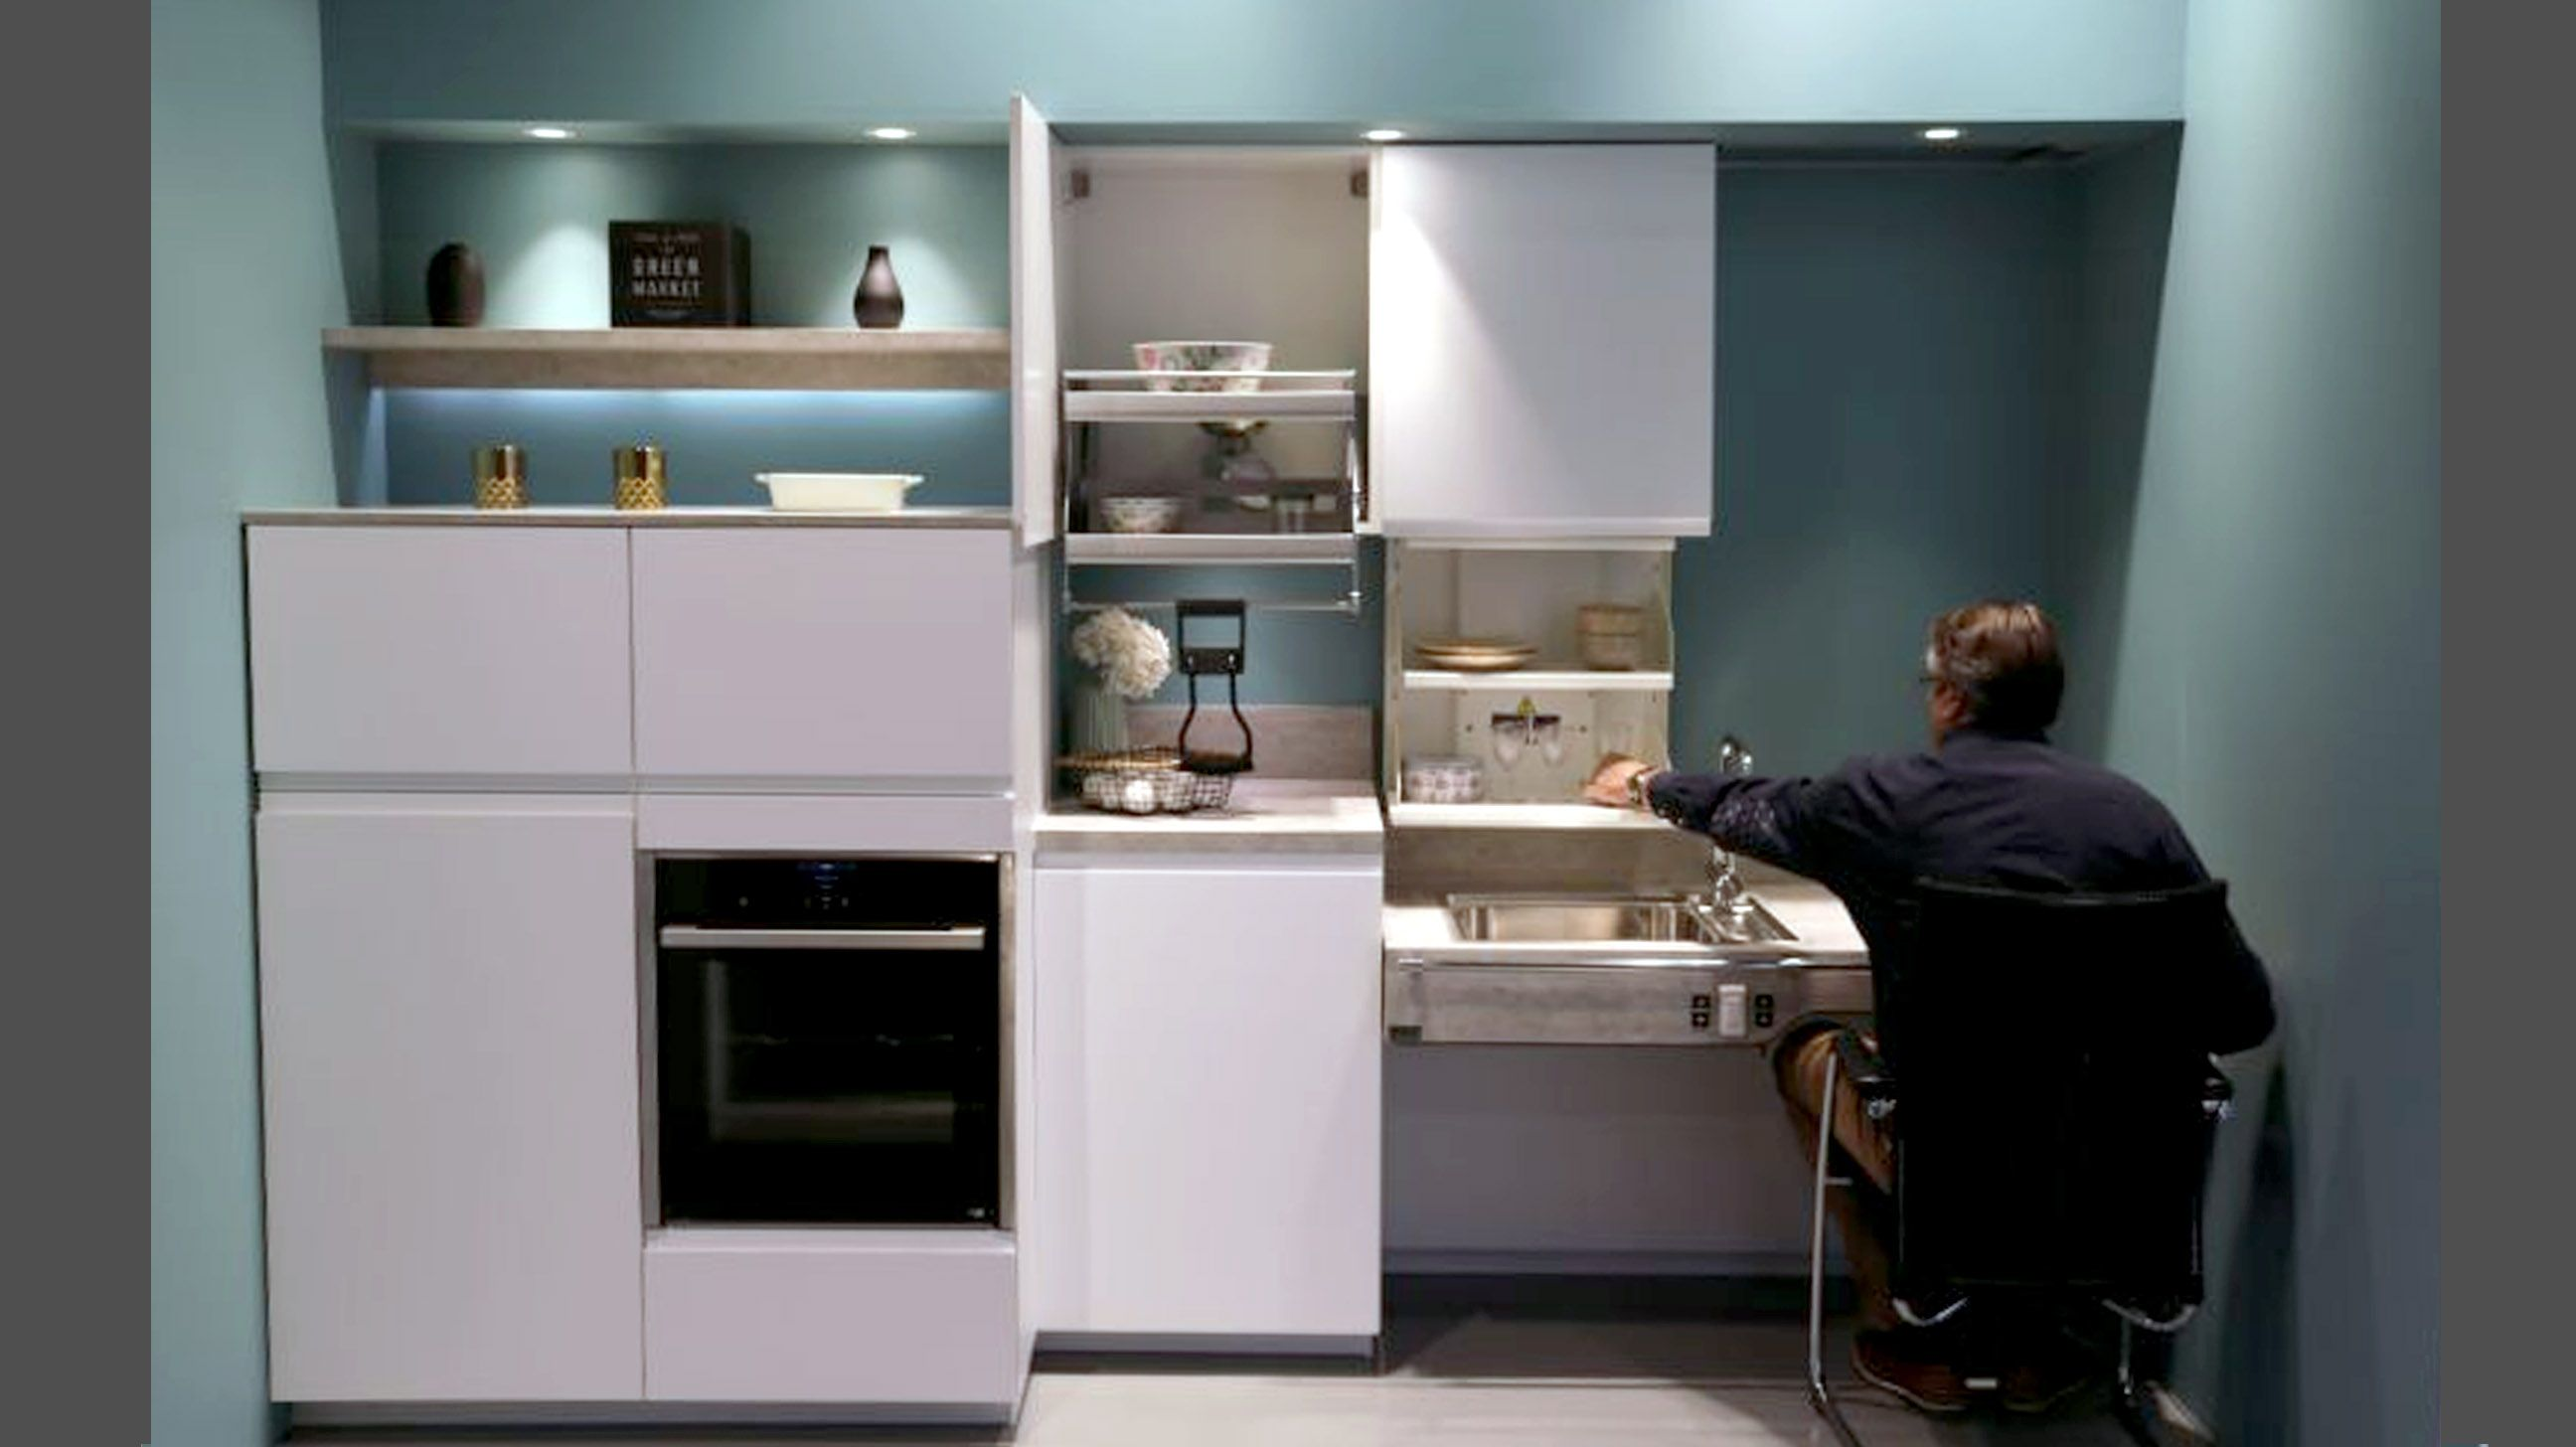 Cuisine Adaptee Pour Fauteuil Roulant Amenagement Cuisine Pour